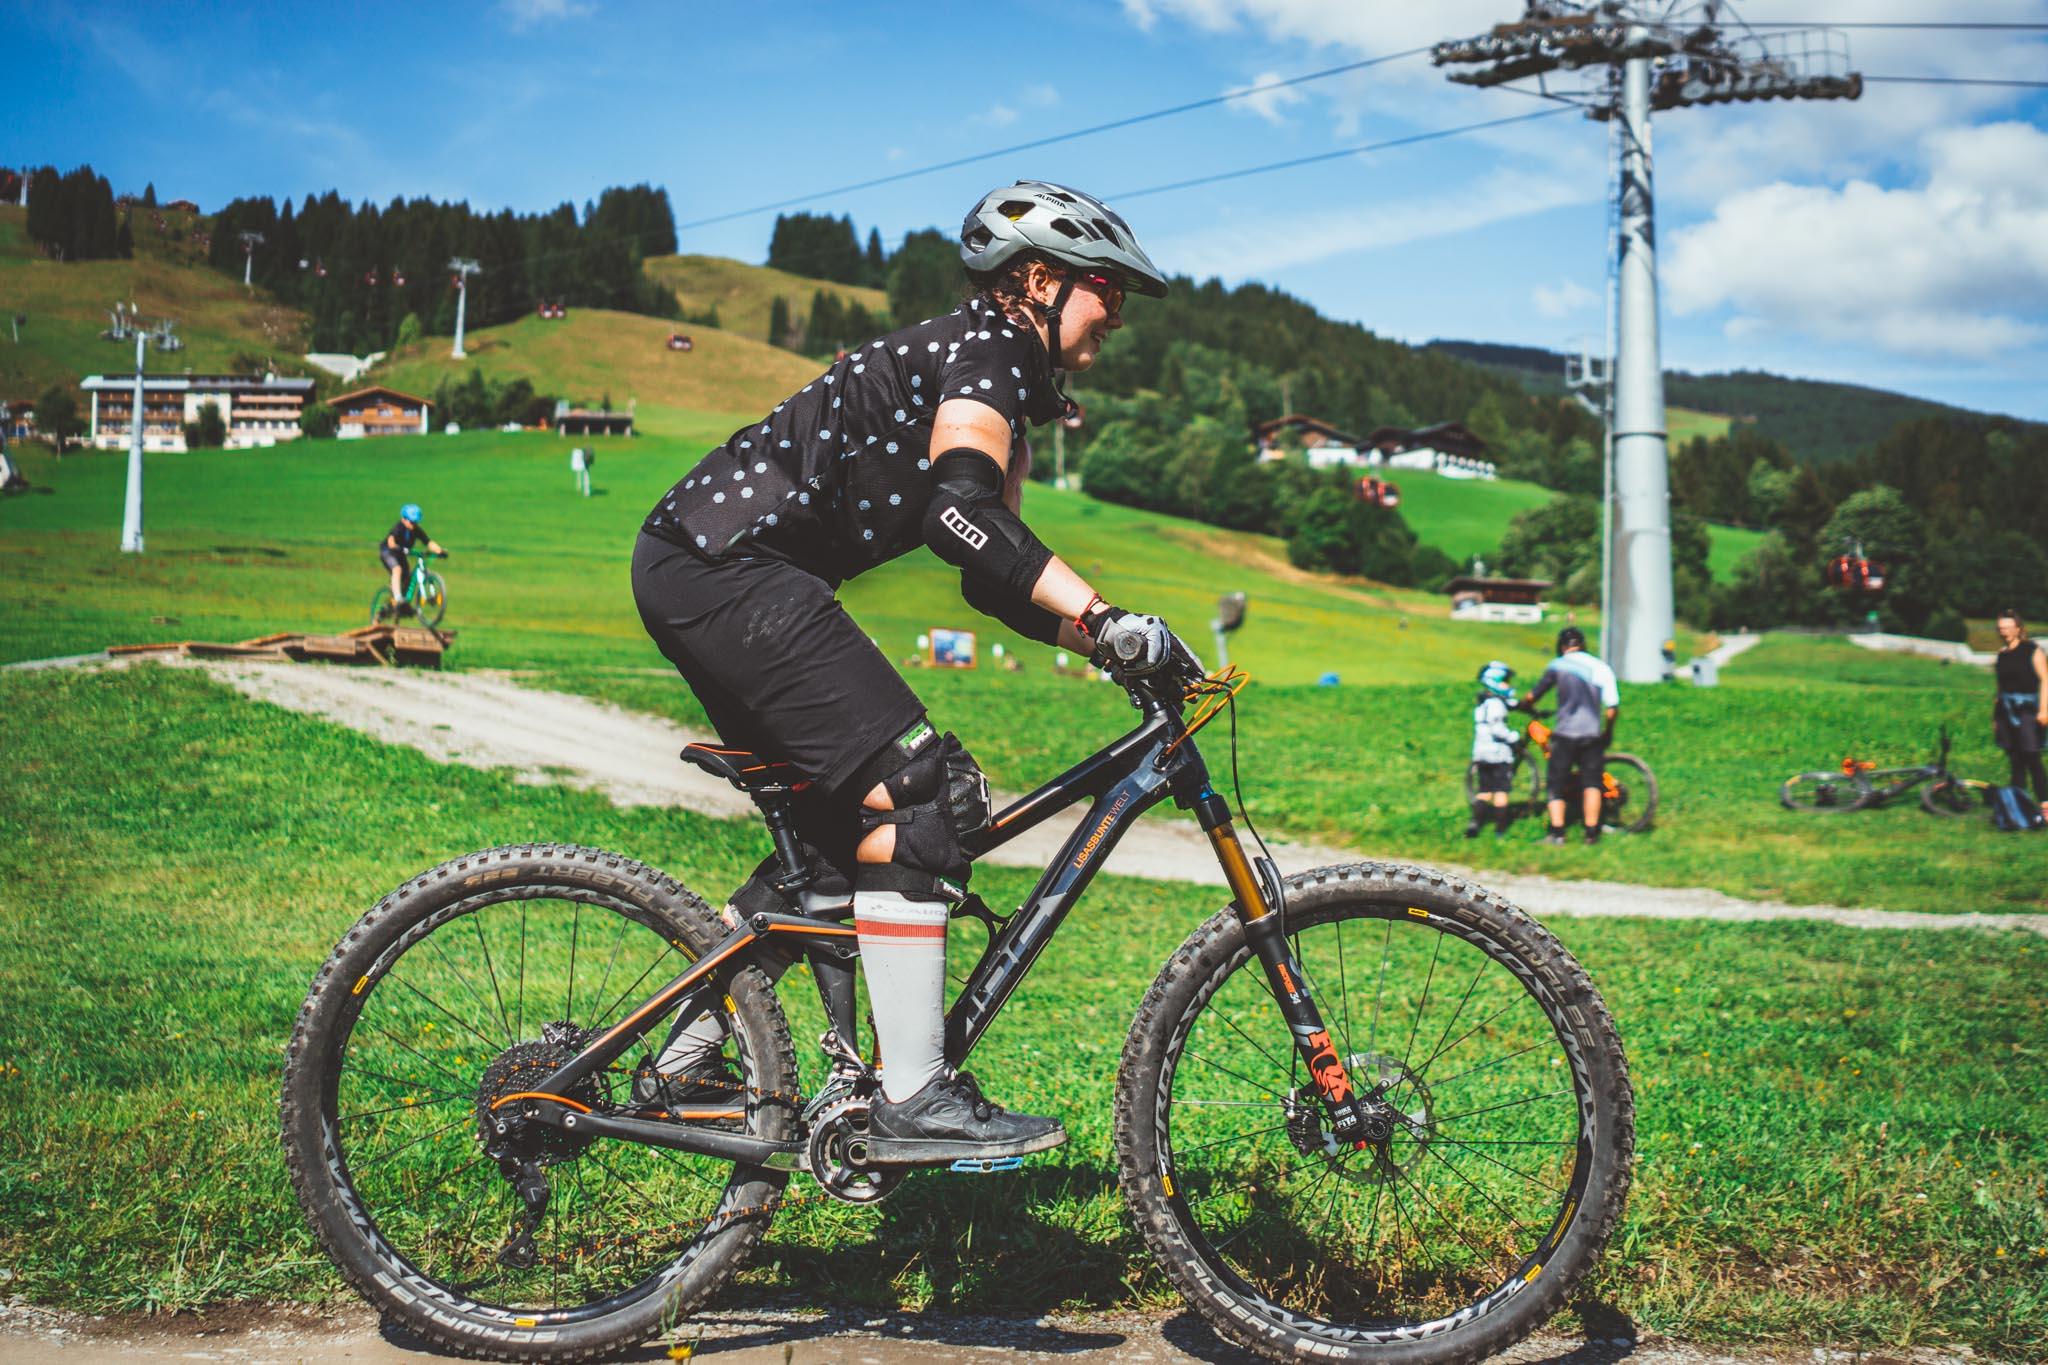 fahrtechnik auf dem mountainbike lernen onlinekurs roxybike erfahrungen